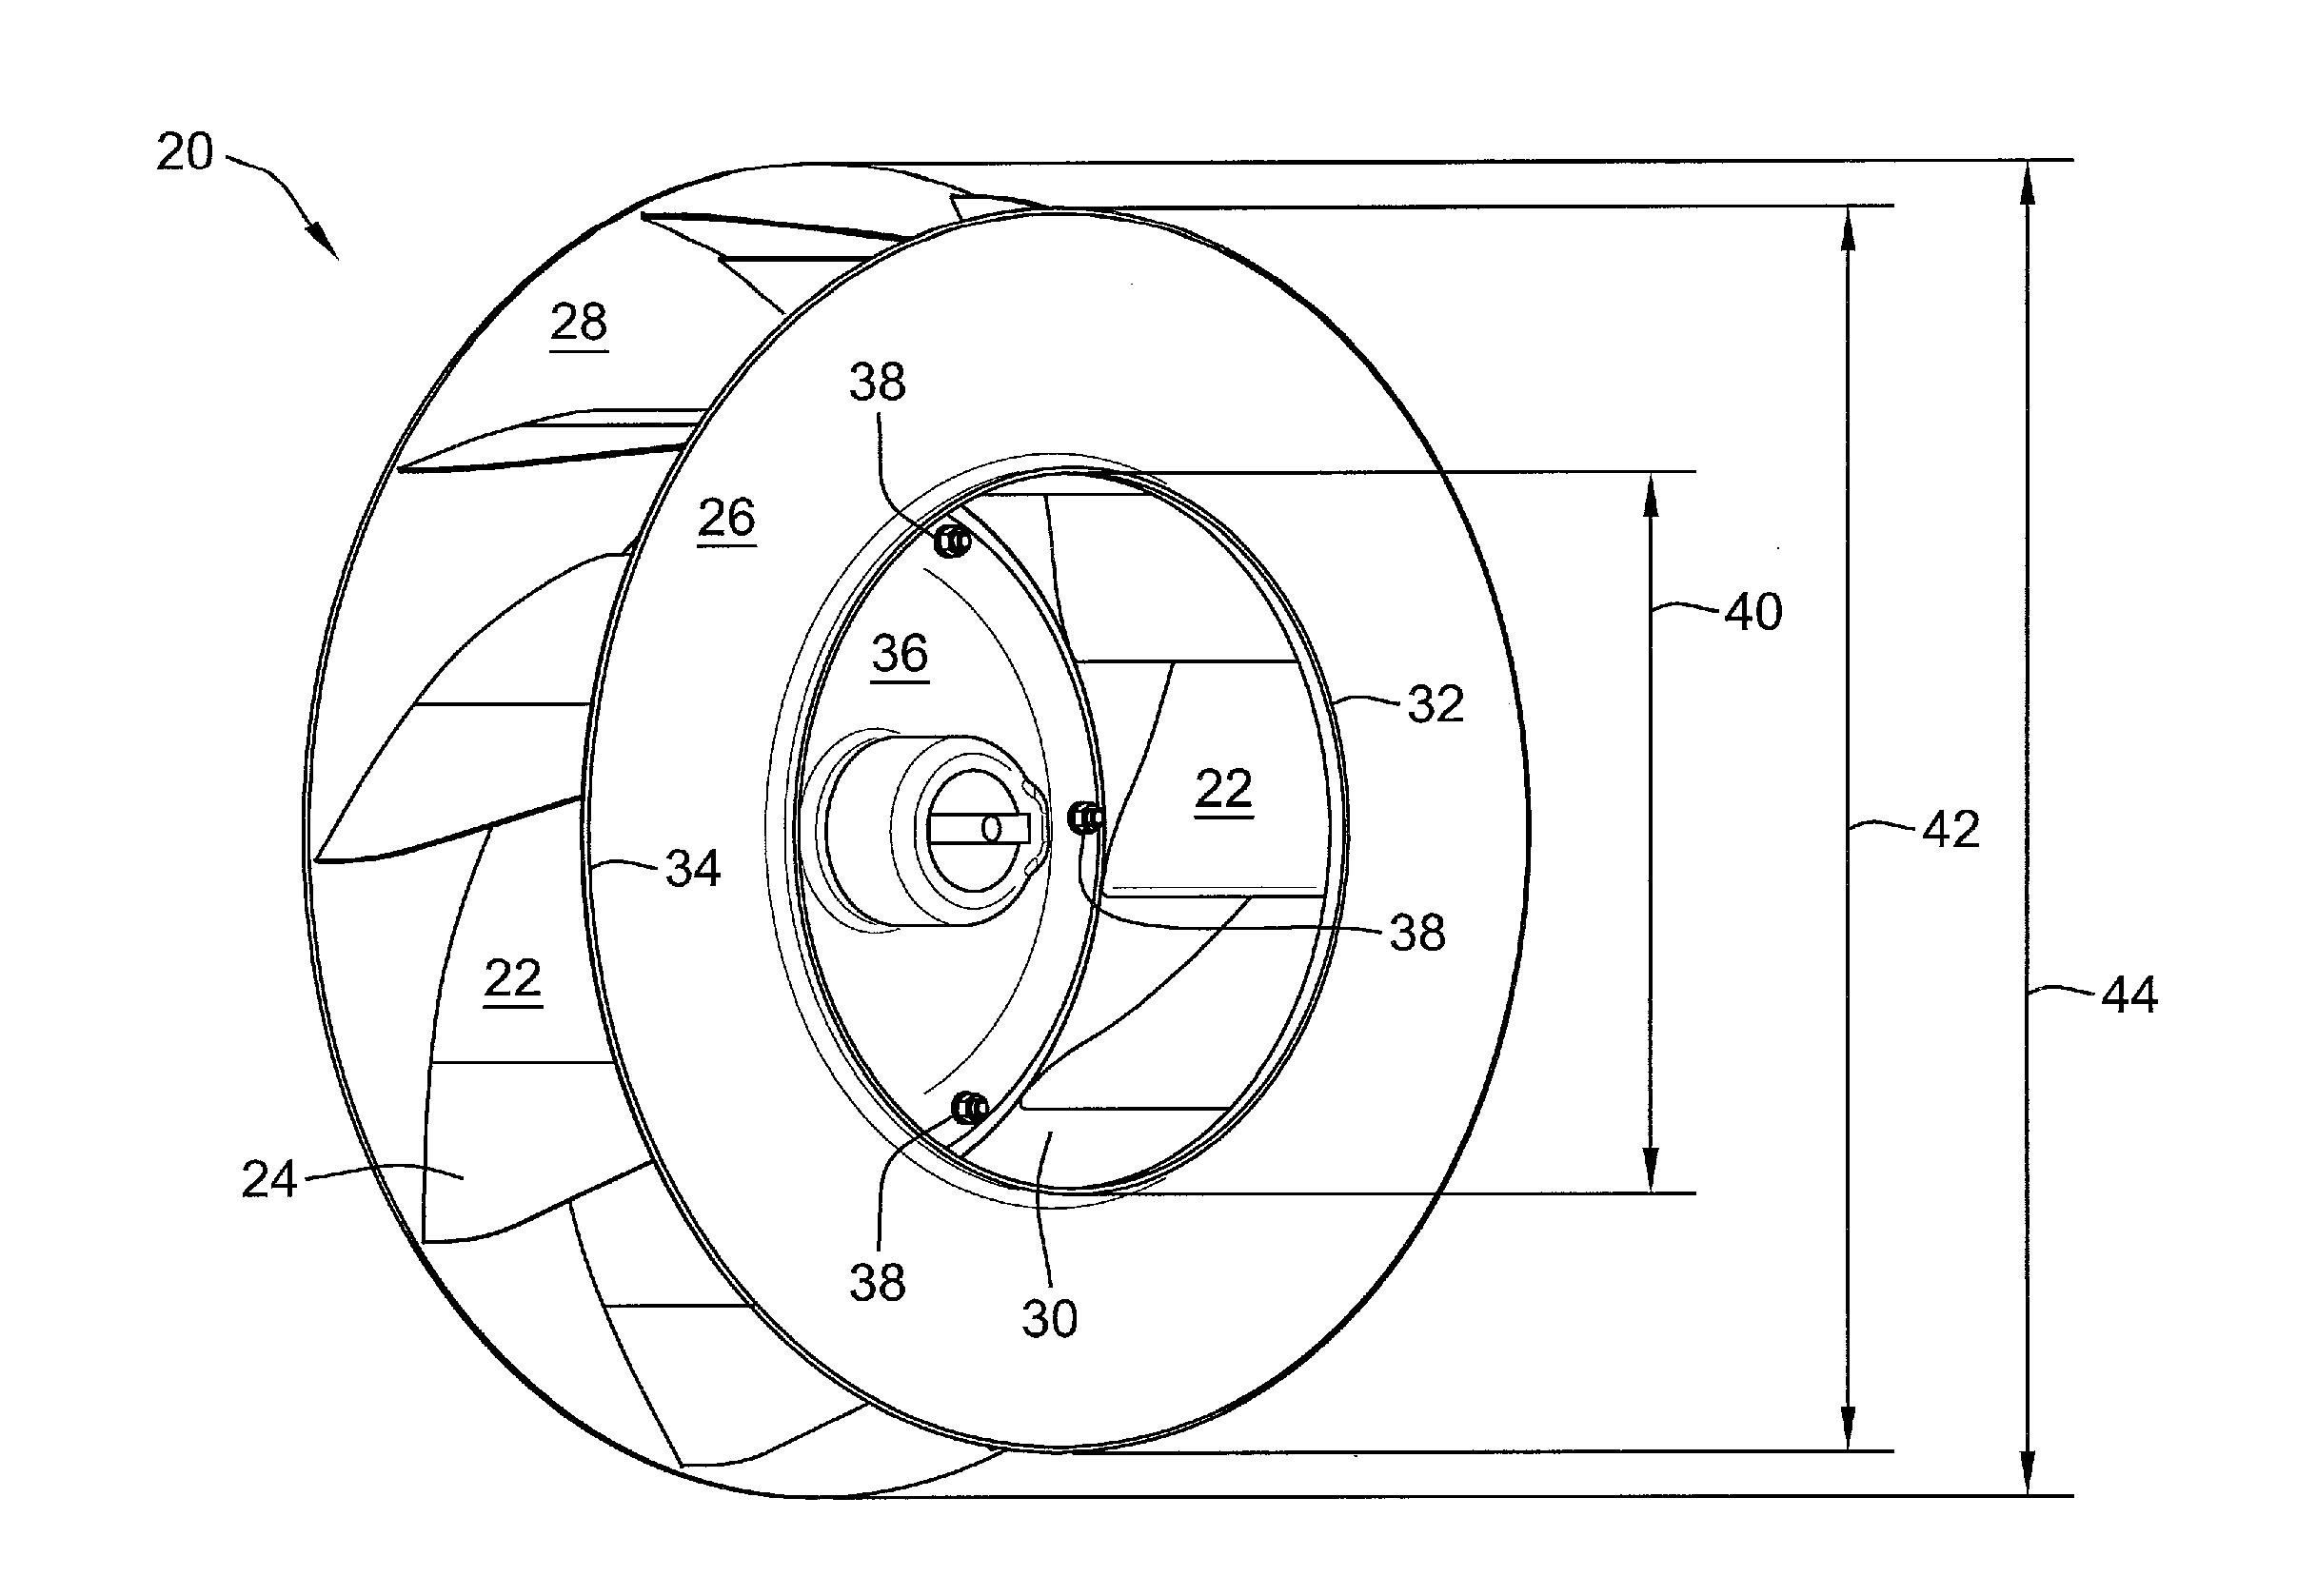 Fan Blade Drawing : Patent us  industrial fan impeller having a